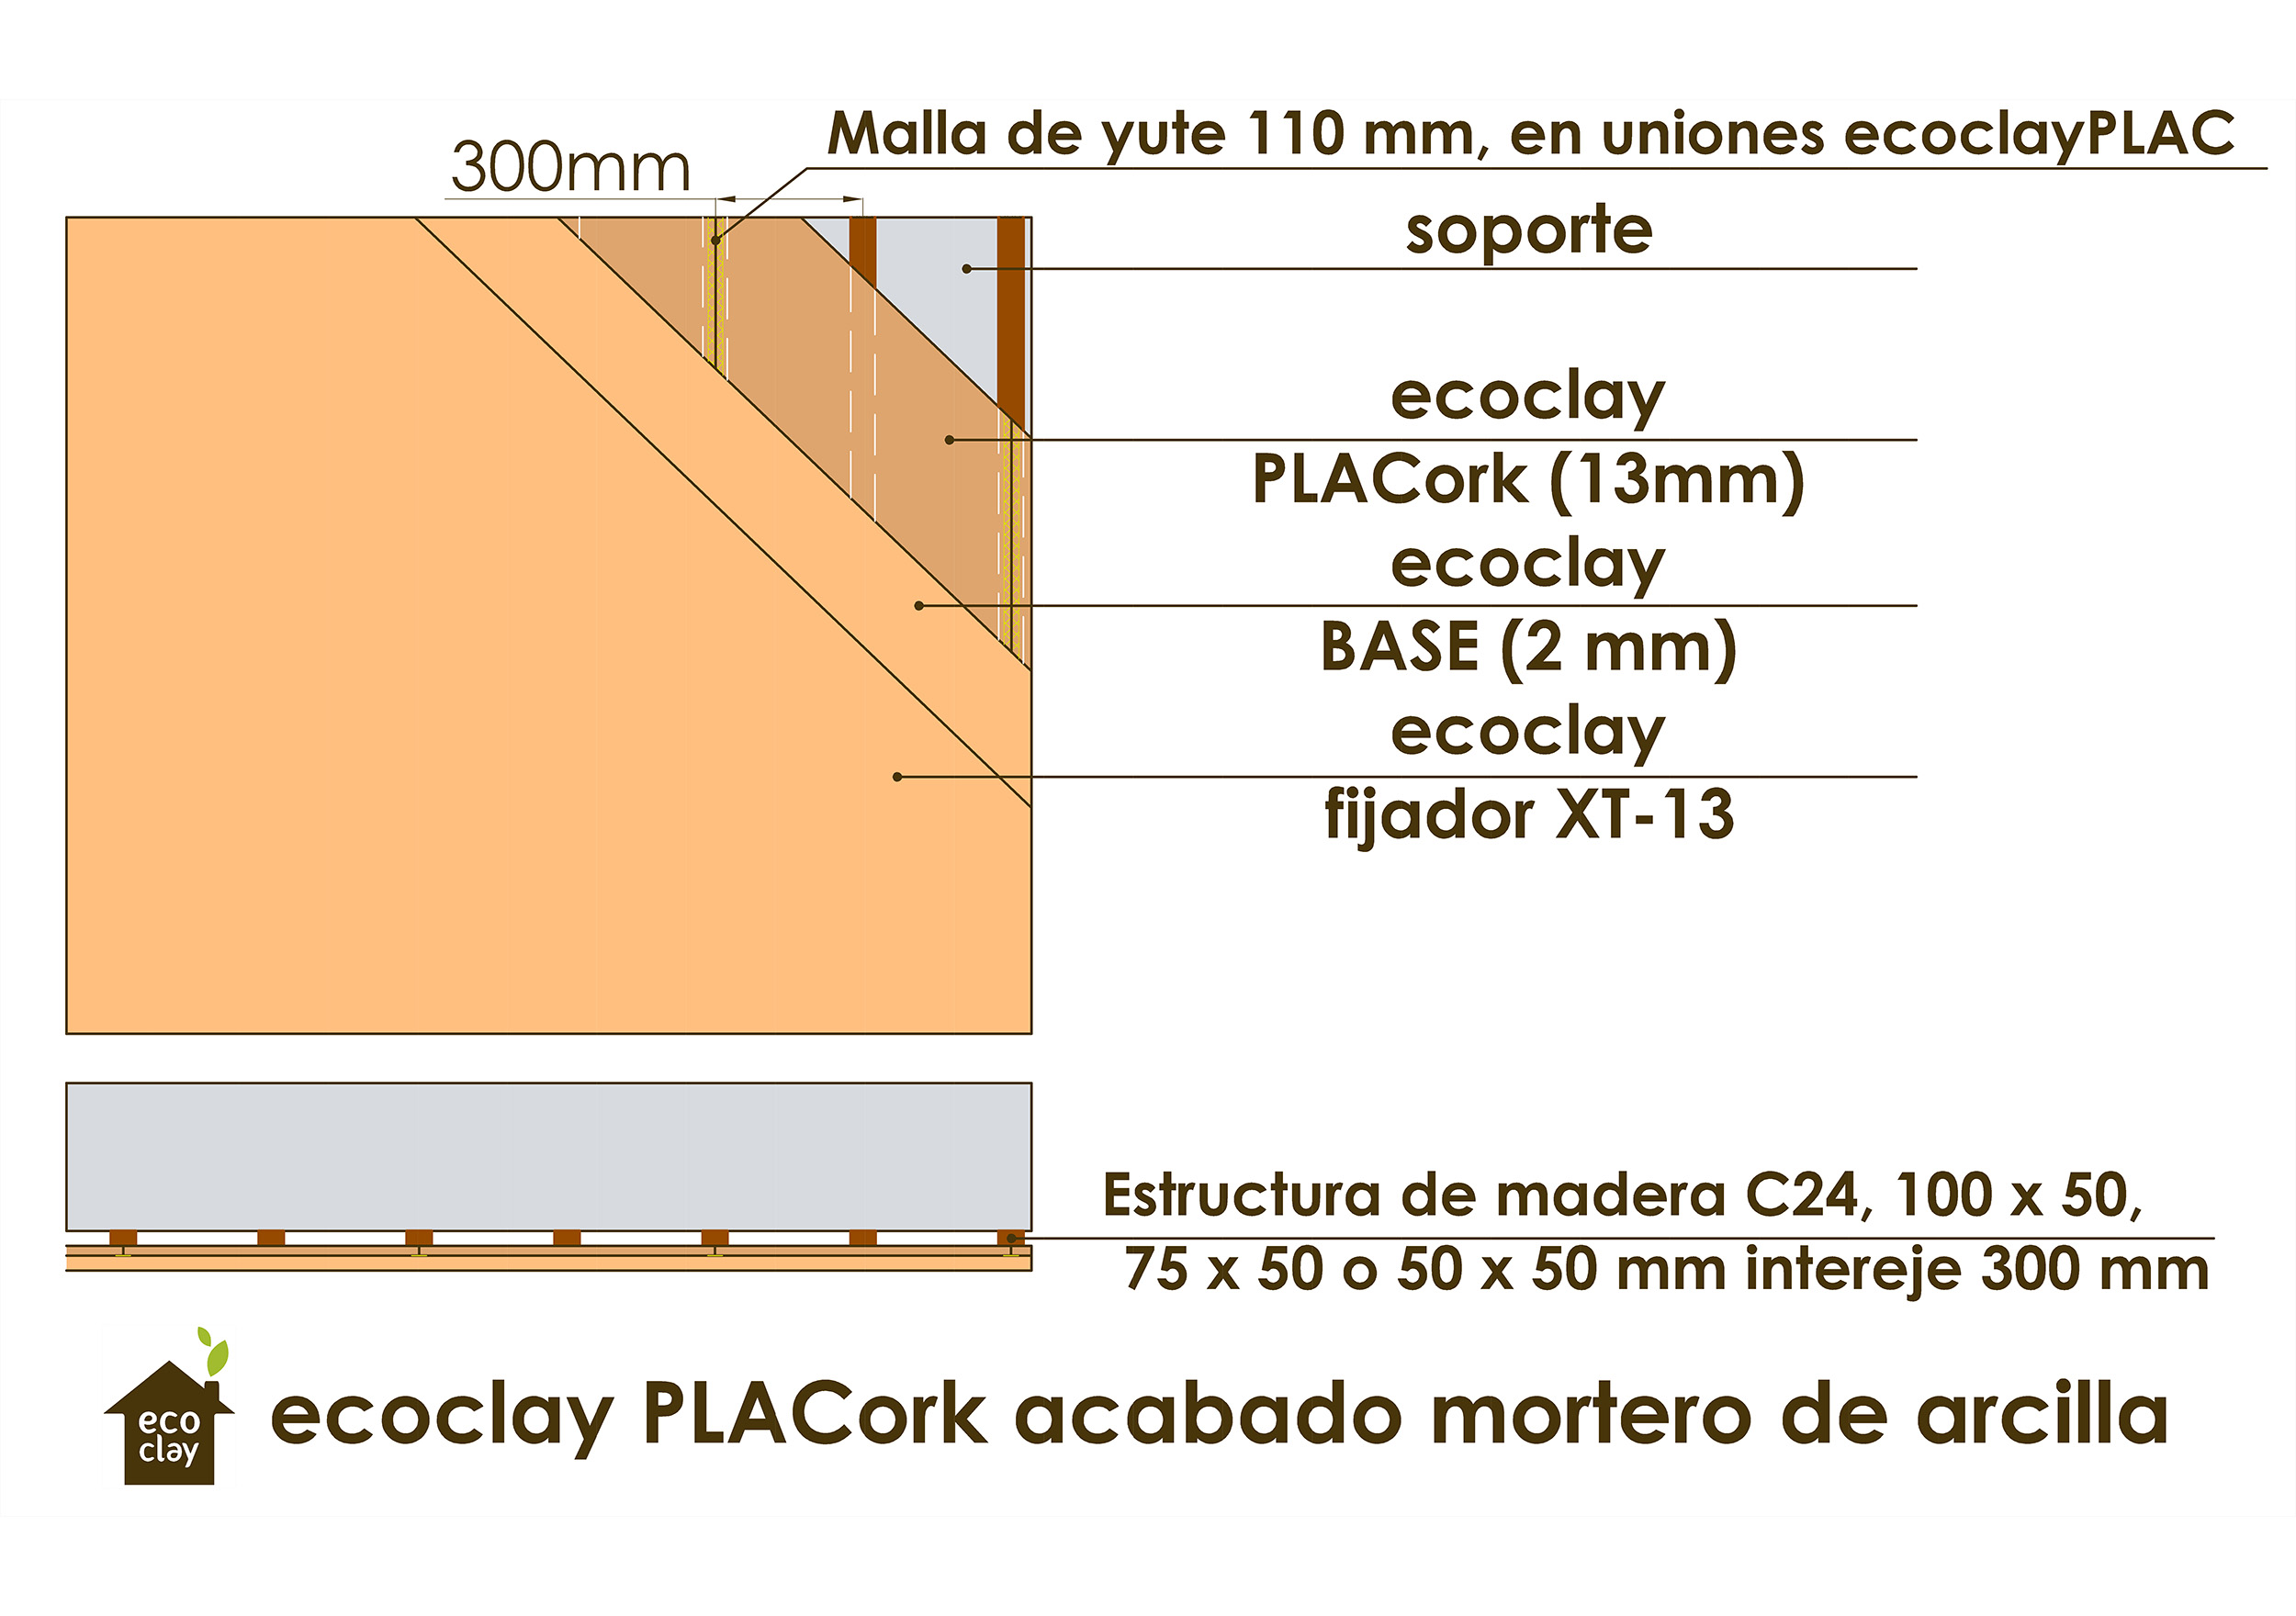 ecoclayPLACork, acabado mortero de arcilla, ecoclay BASE